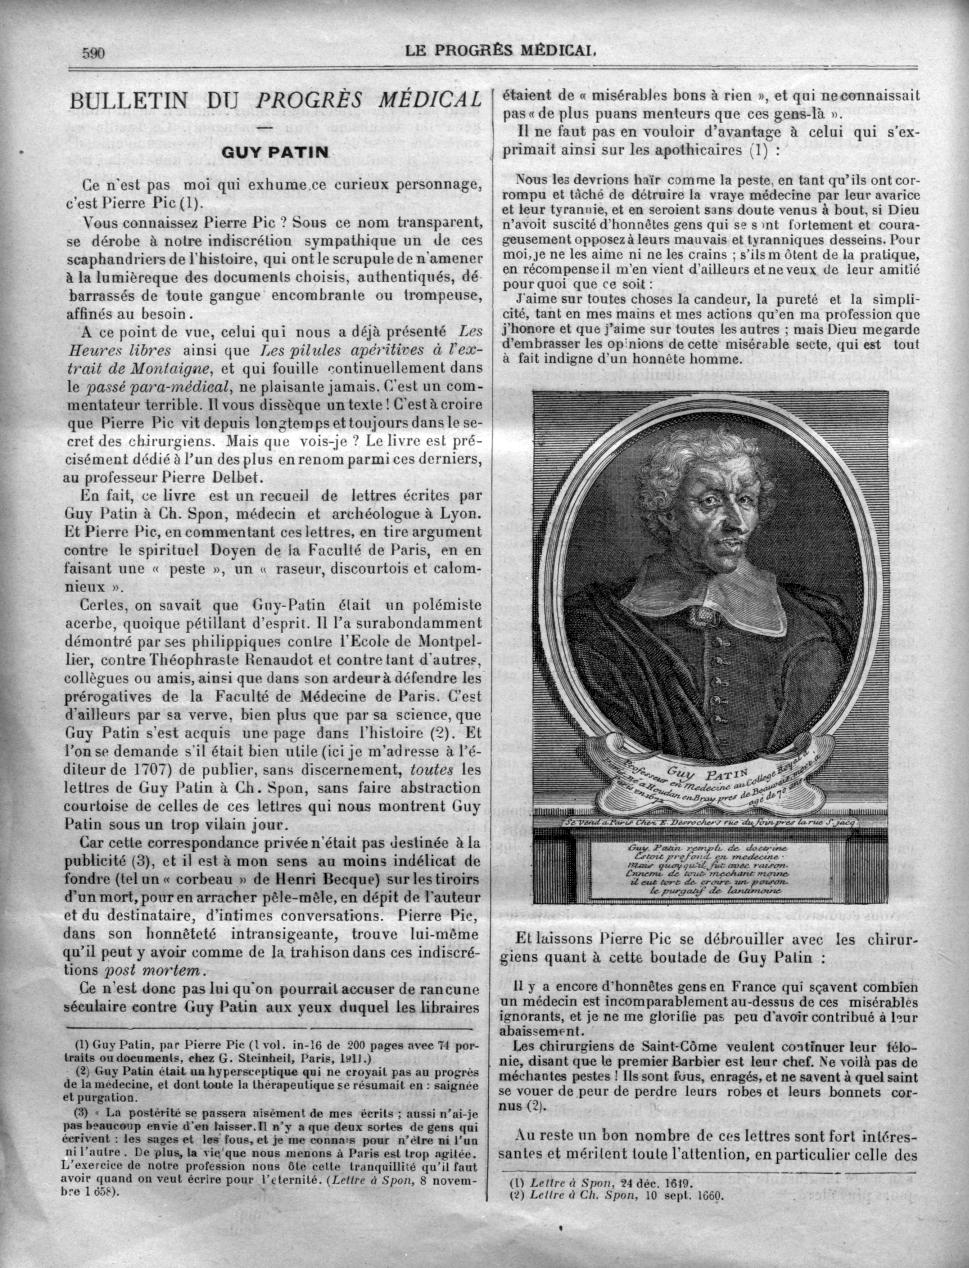 Guy Patin - Le progrès médical  : journal de médecine, de chirurgie et de pharmacie -  - med90170x1910x0592